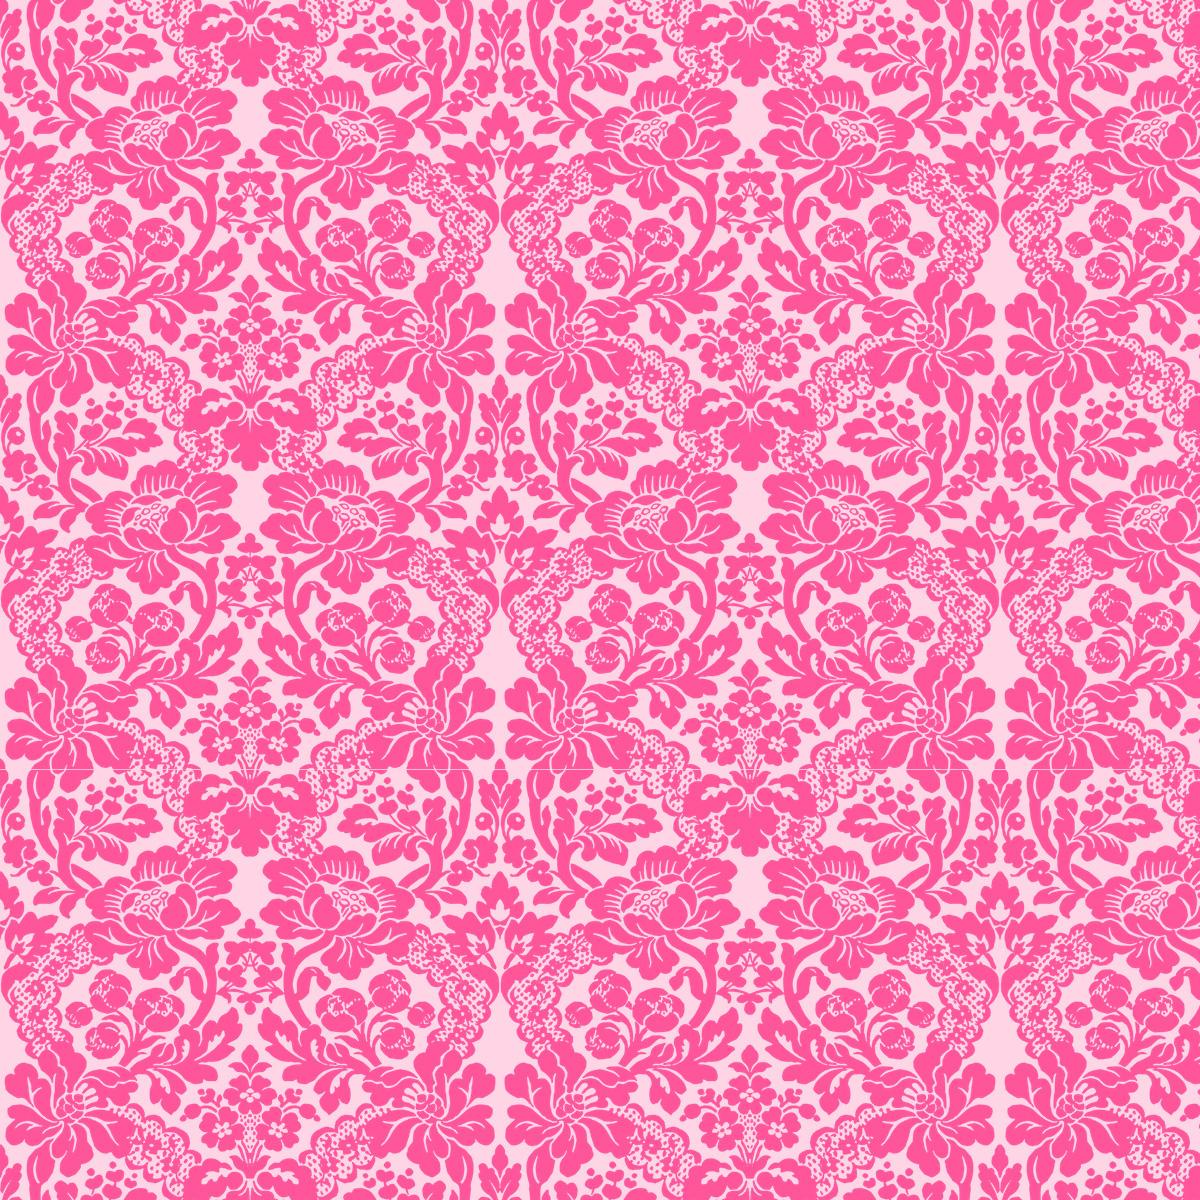 Free Printable Scrapbook Paper Pink - 20.16.hus-Noorderpad.de • - Free Printable Scrapbook Paper Designs